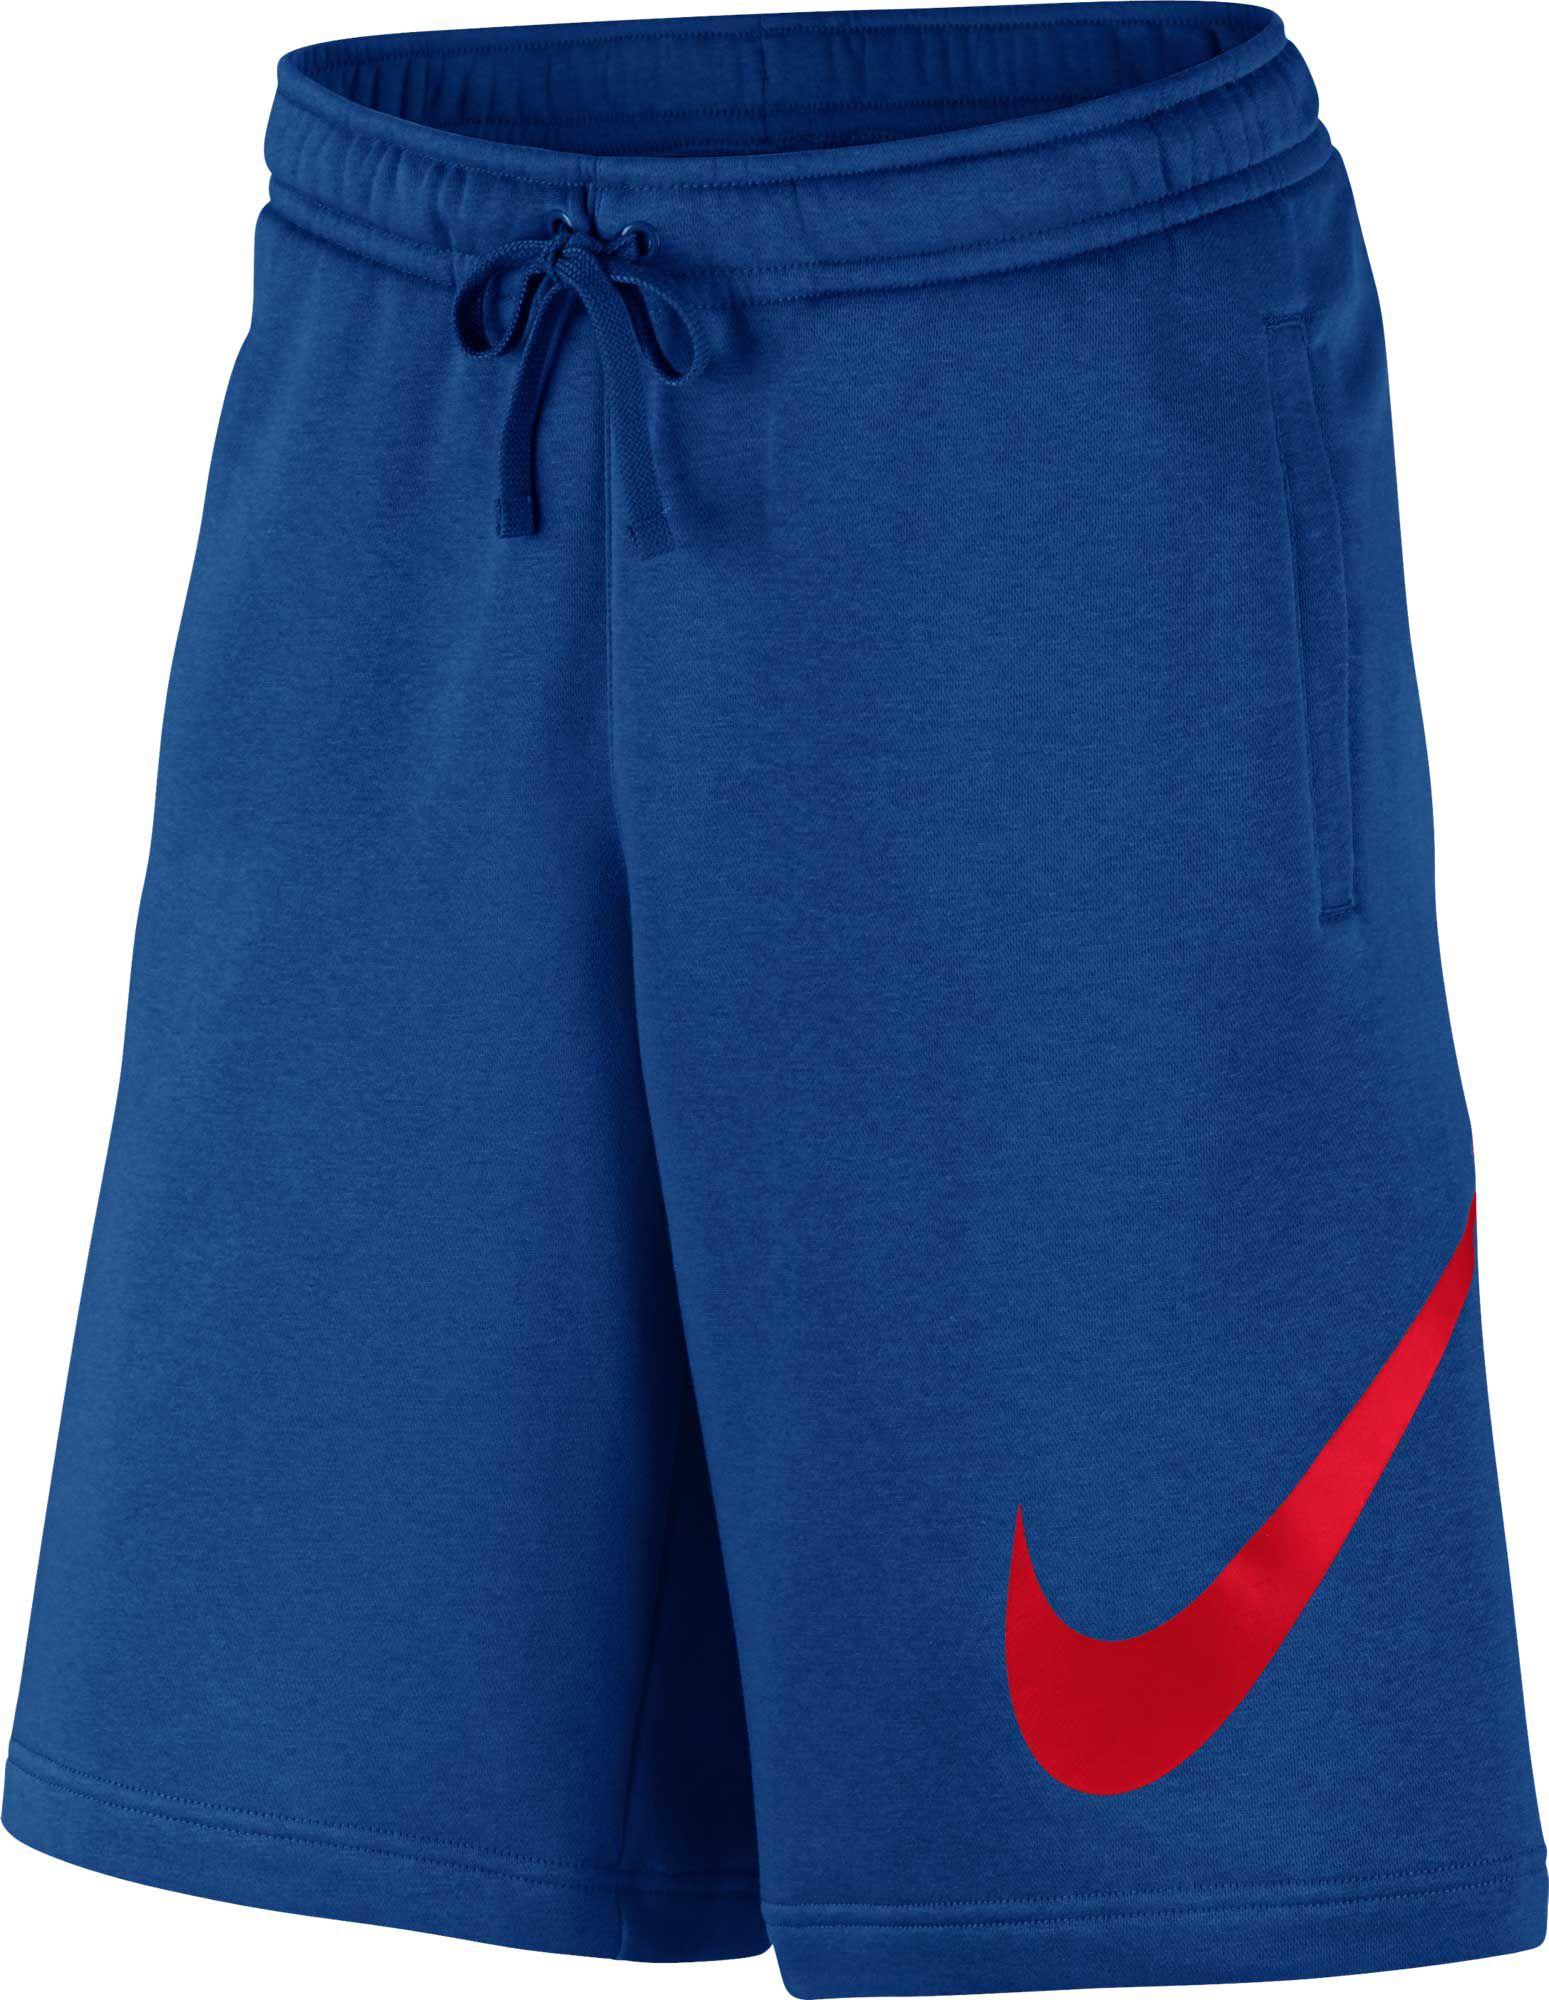 reputable site 94393 96d81 Nike Men s Sportswear Club Fleece Sweatshorts, Blue